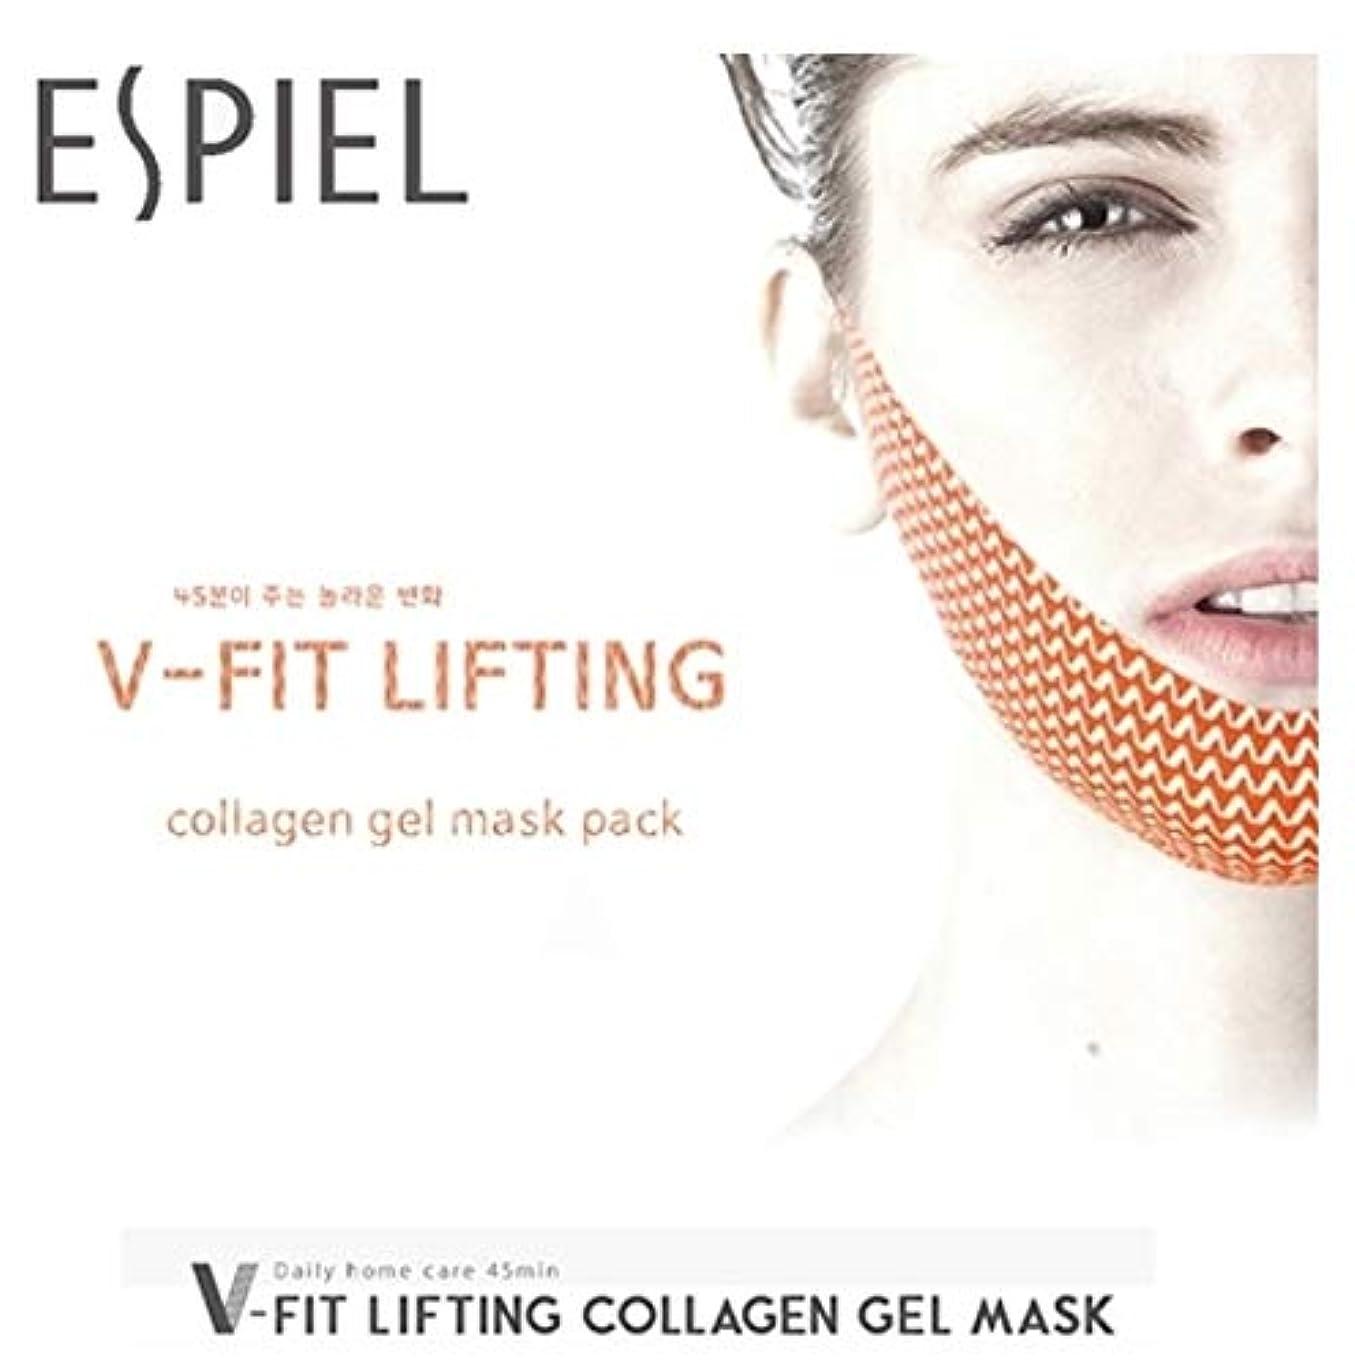 アベニュー通行人地理【ESPIEL]五ピットリフティングコラーゲンゲルマスク(5EA)/ V FIT LIFTING COLLAGEN GEL MASK(5EA)